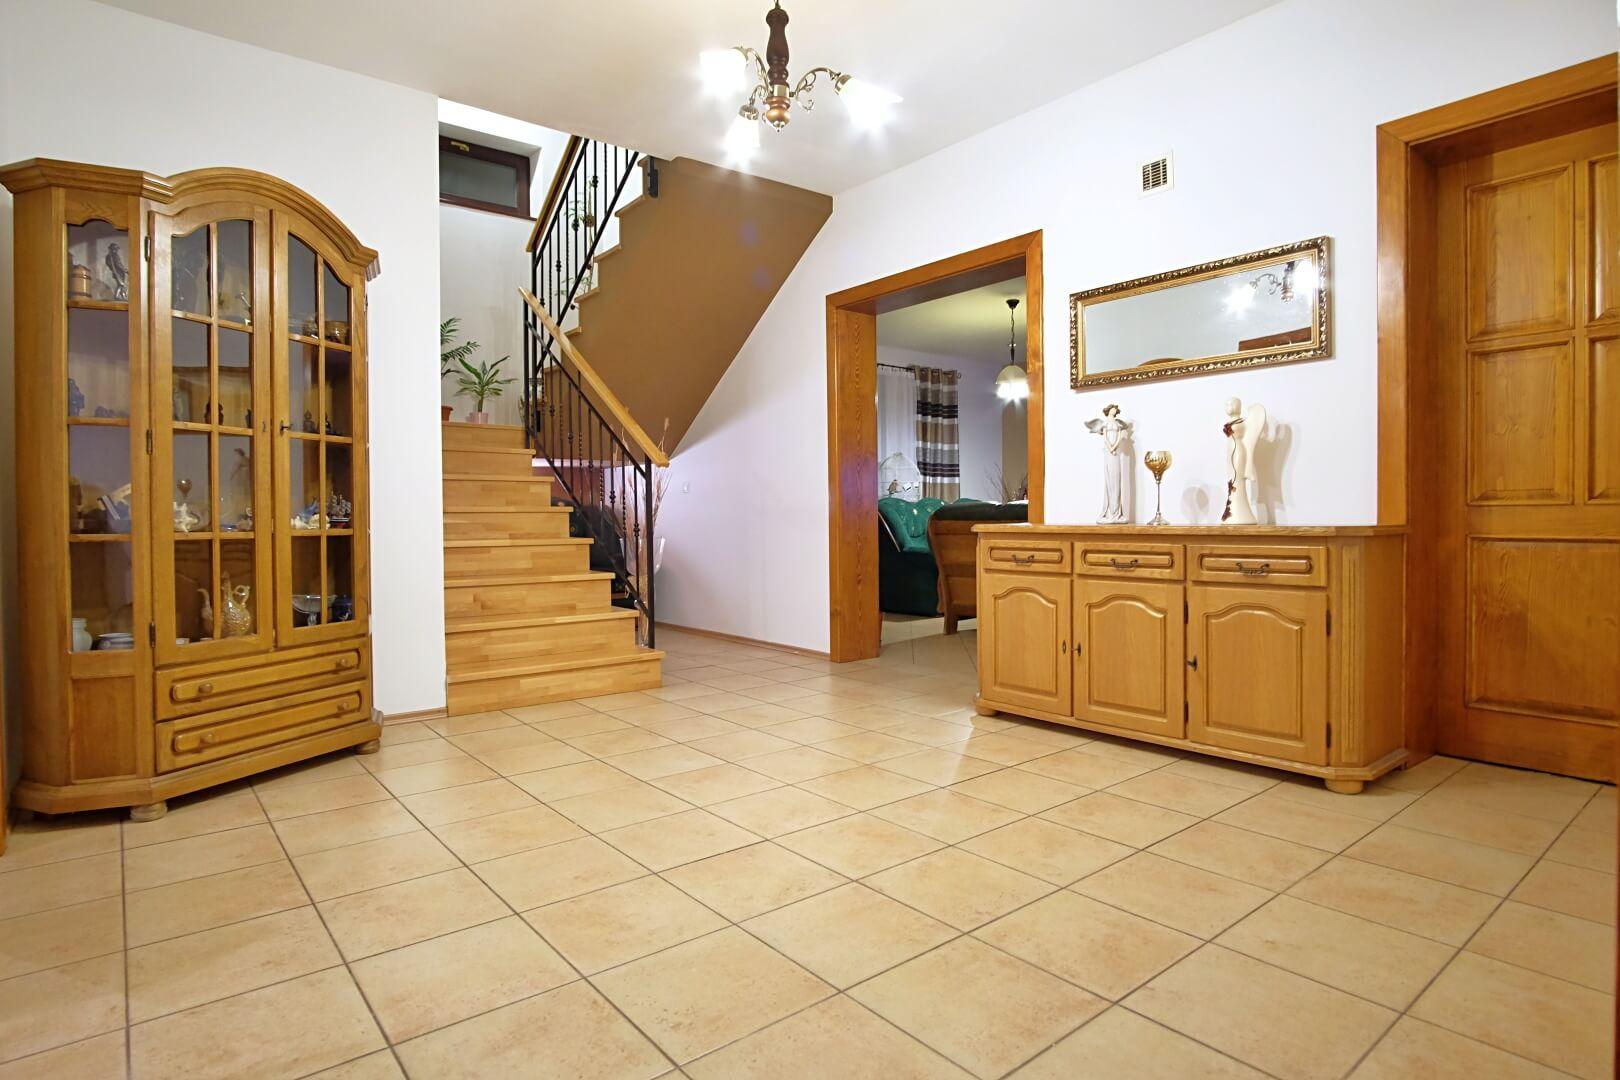 Predané: Na predaj 6-izbový rodinný dom vo vilovej štvrti v Hamuliakove, 15 km od Bratislavy-8